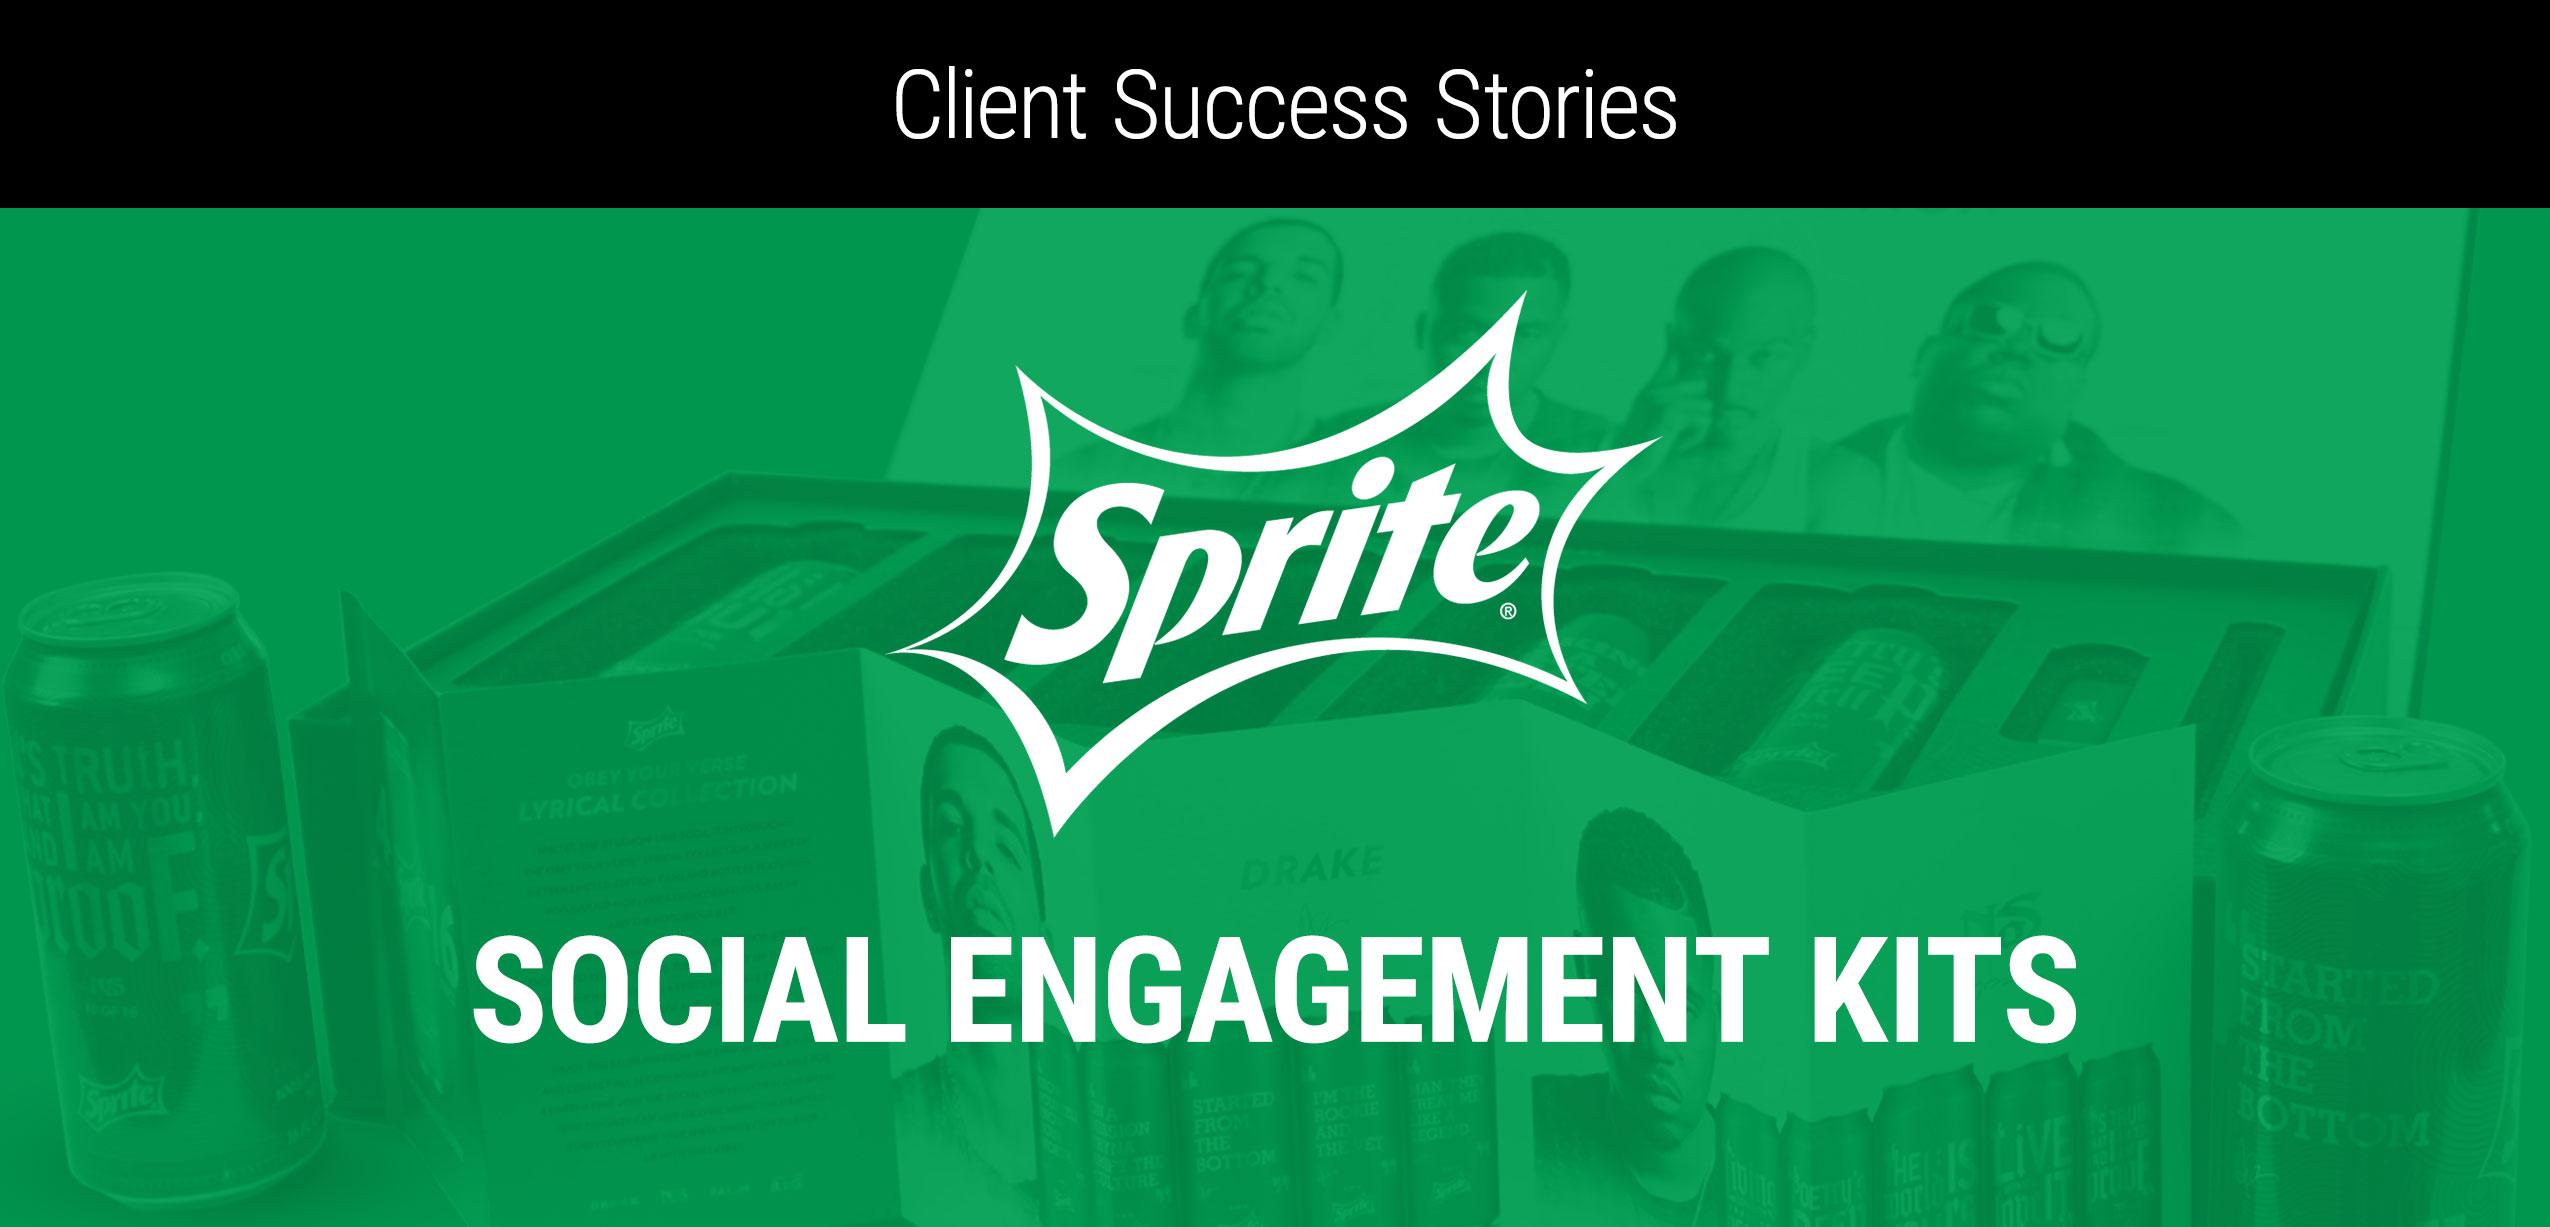 Client Success Story: Sprite Social Engagement Kits